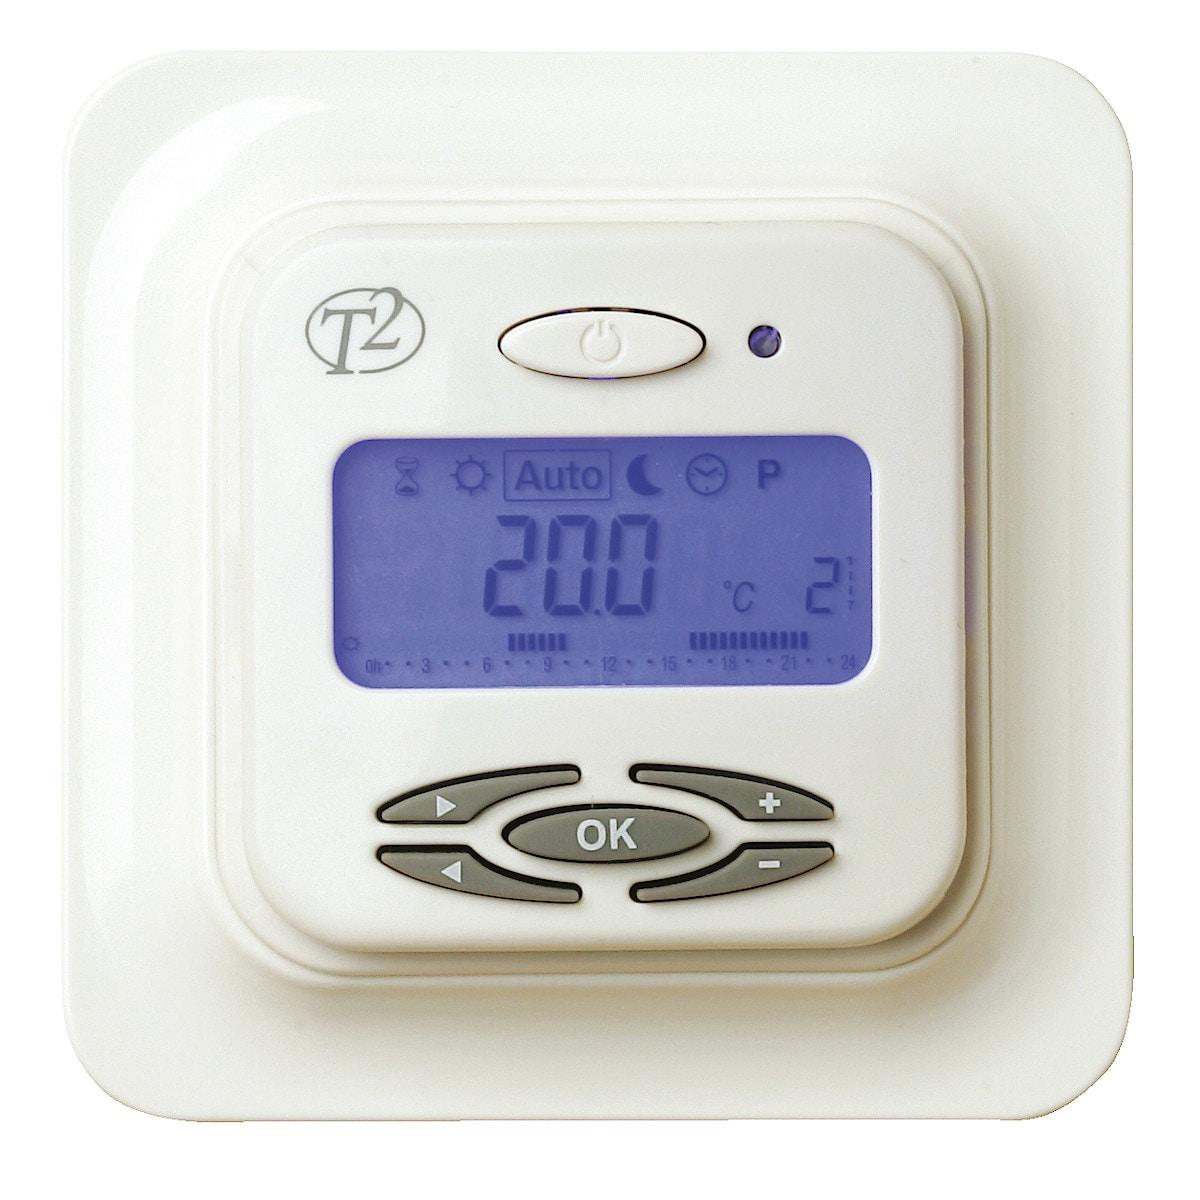 Termostaatti T2DigiTemp Plusº lattialämmitykseen